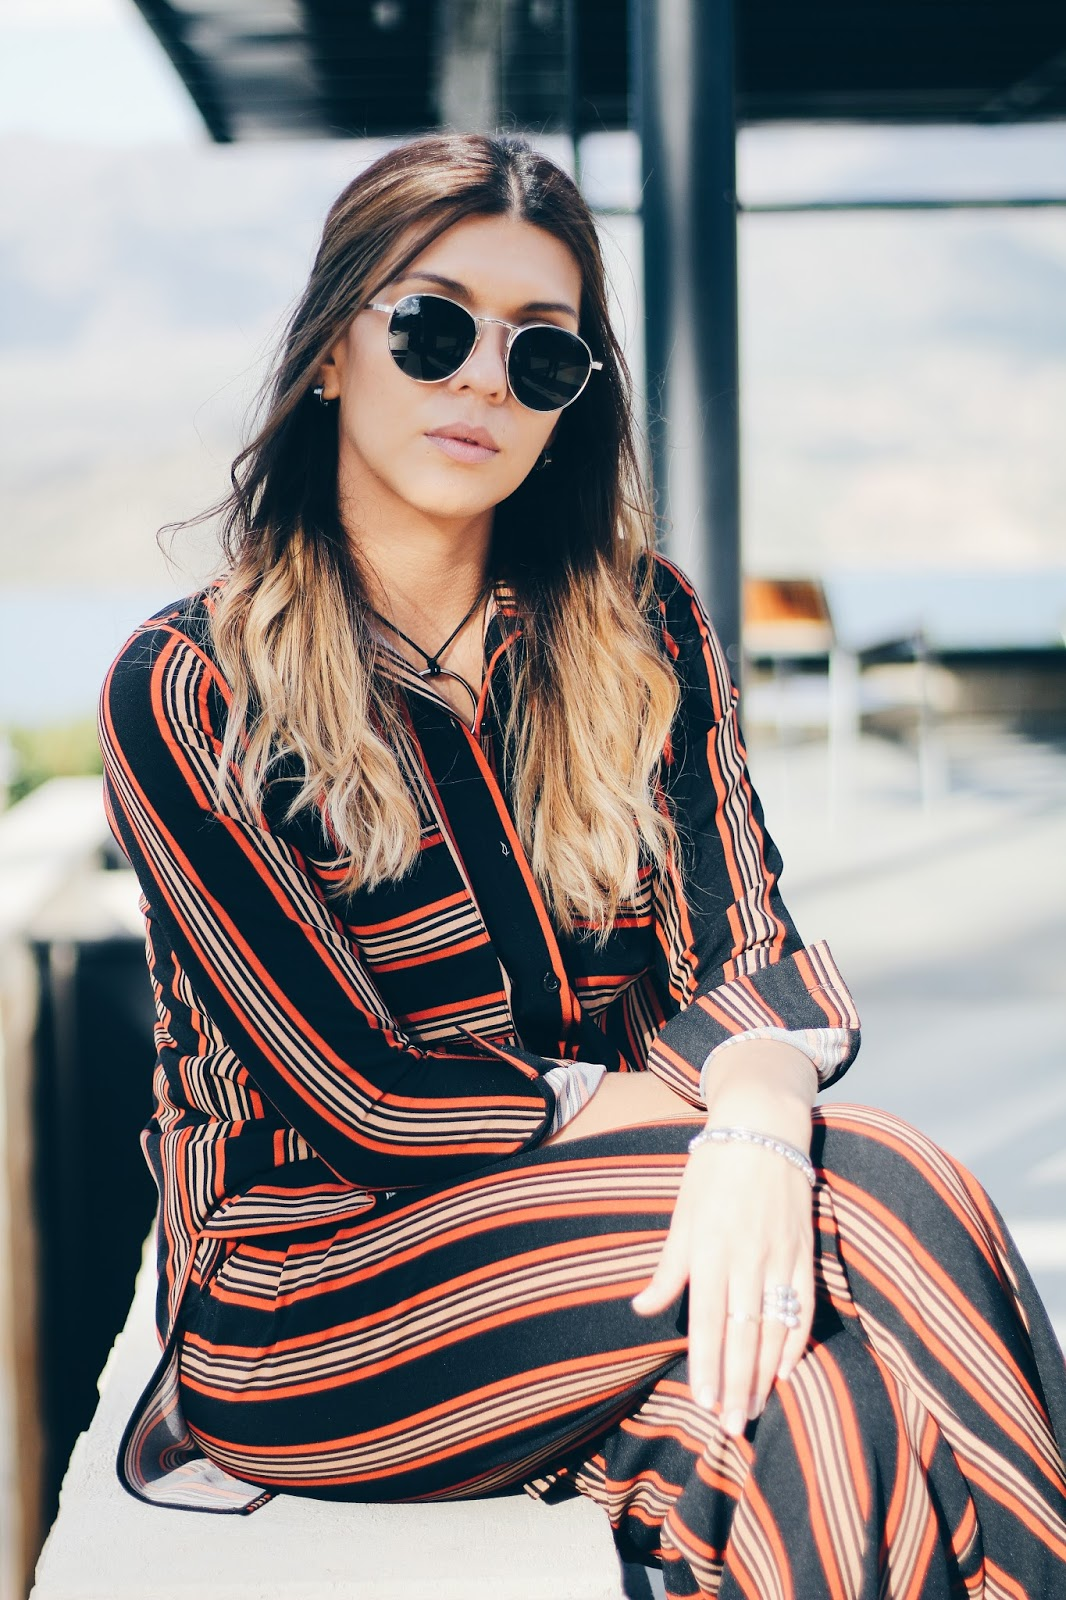 Mendoza Plaza Shopping 2017 | Cassandra Valdes